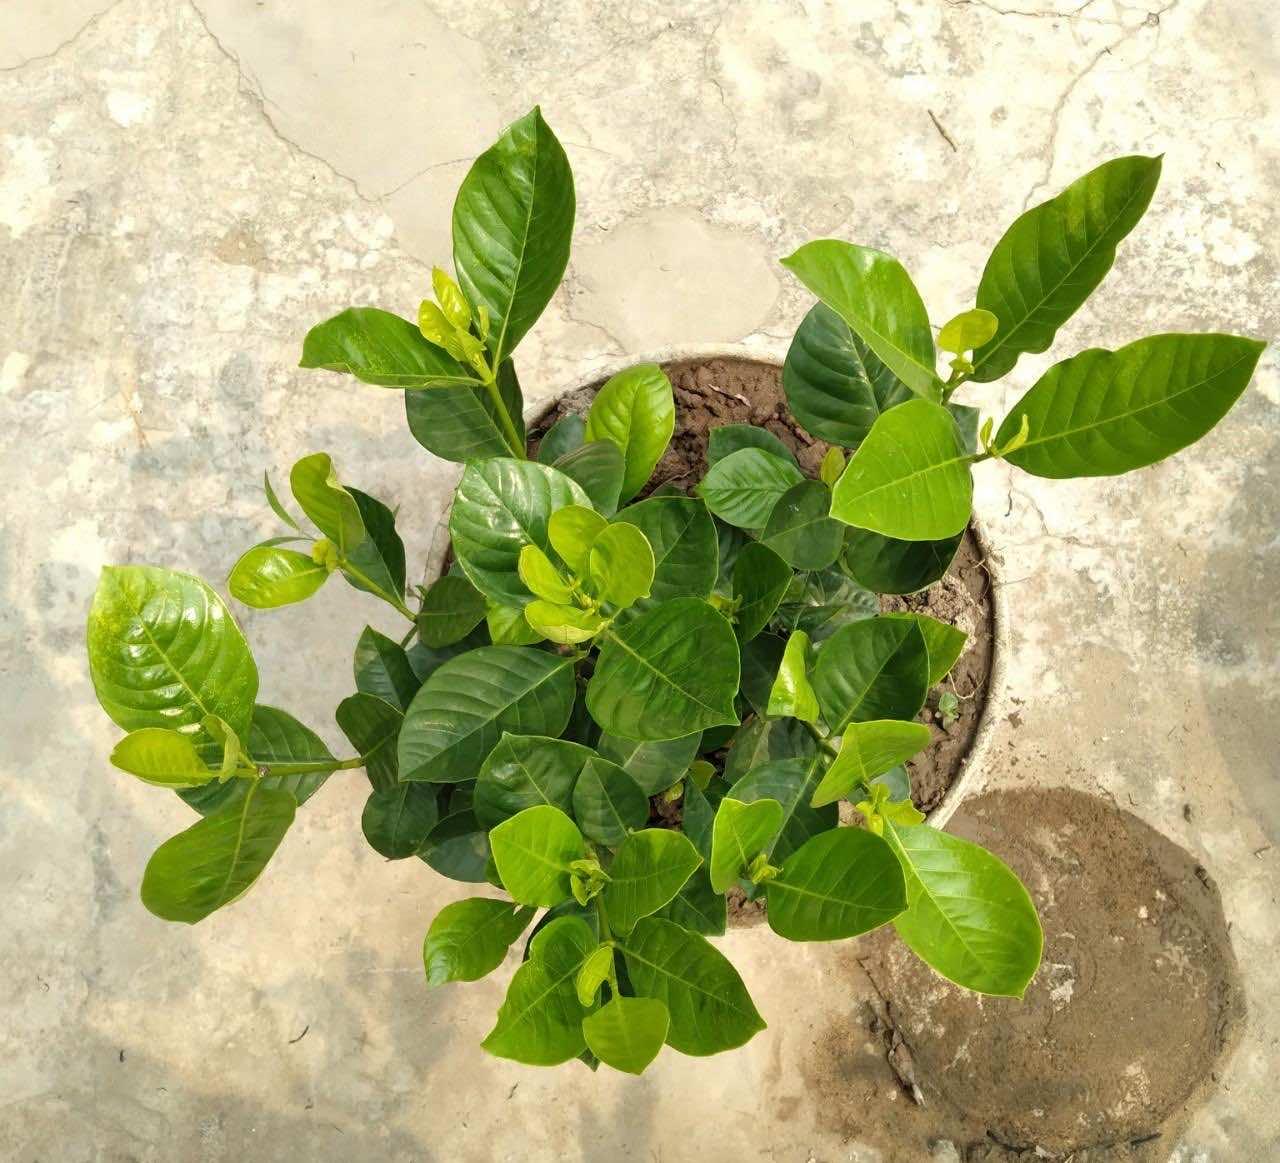 Bán cây bạch thiên hương có sẵn tại vườn